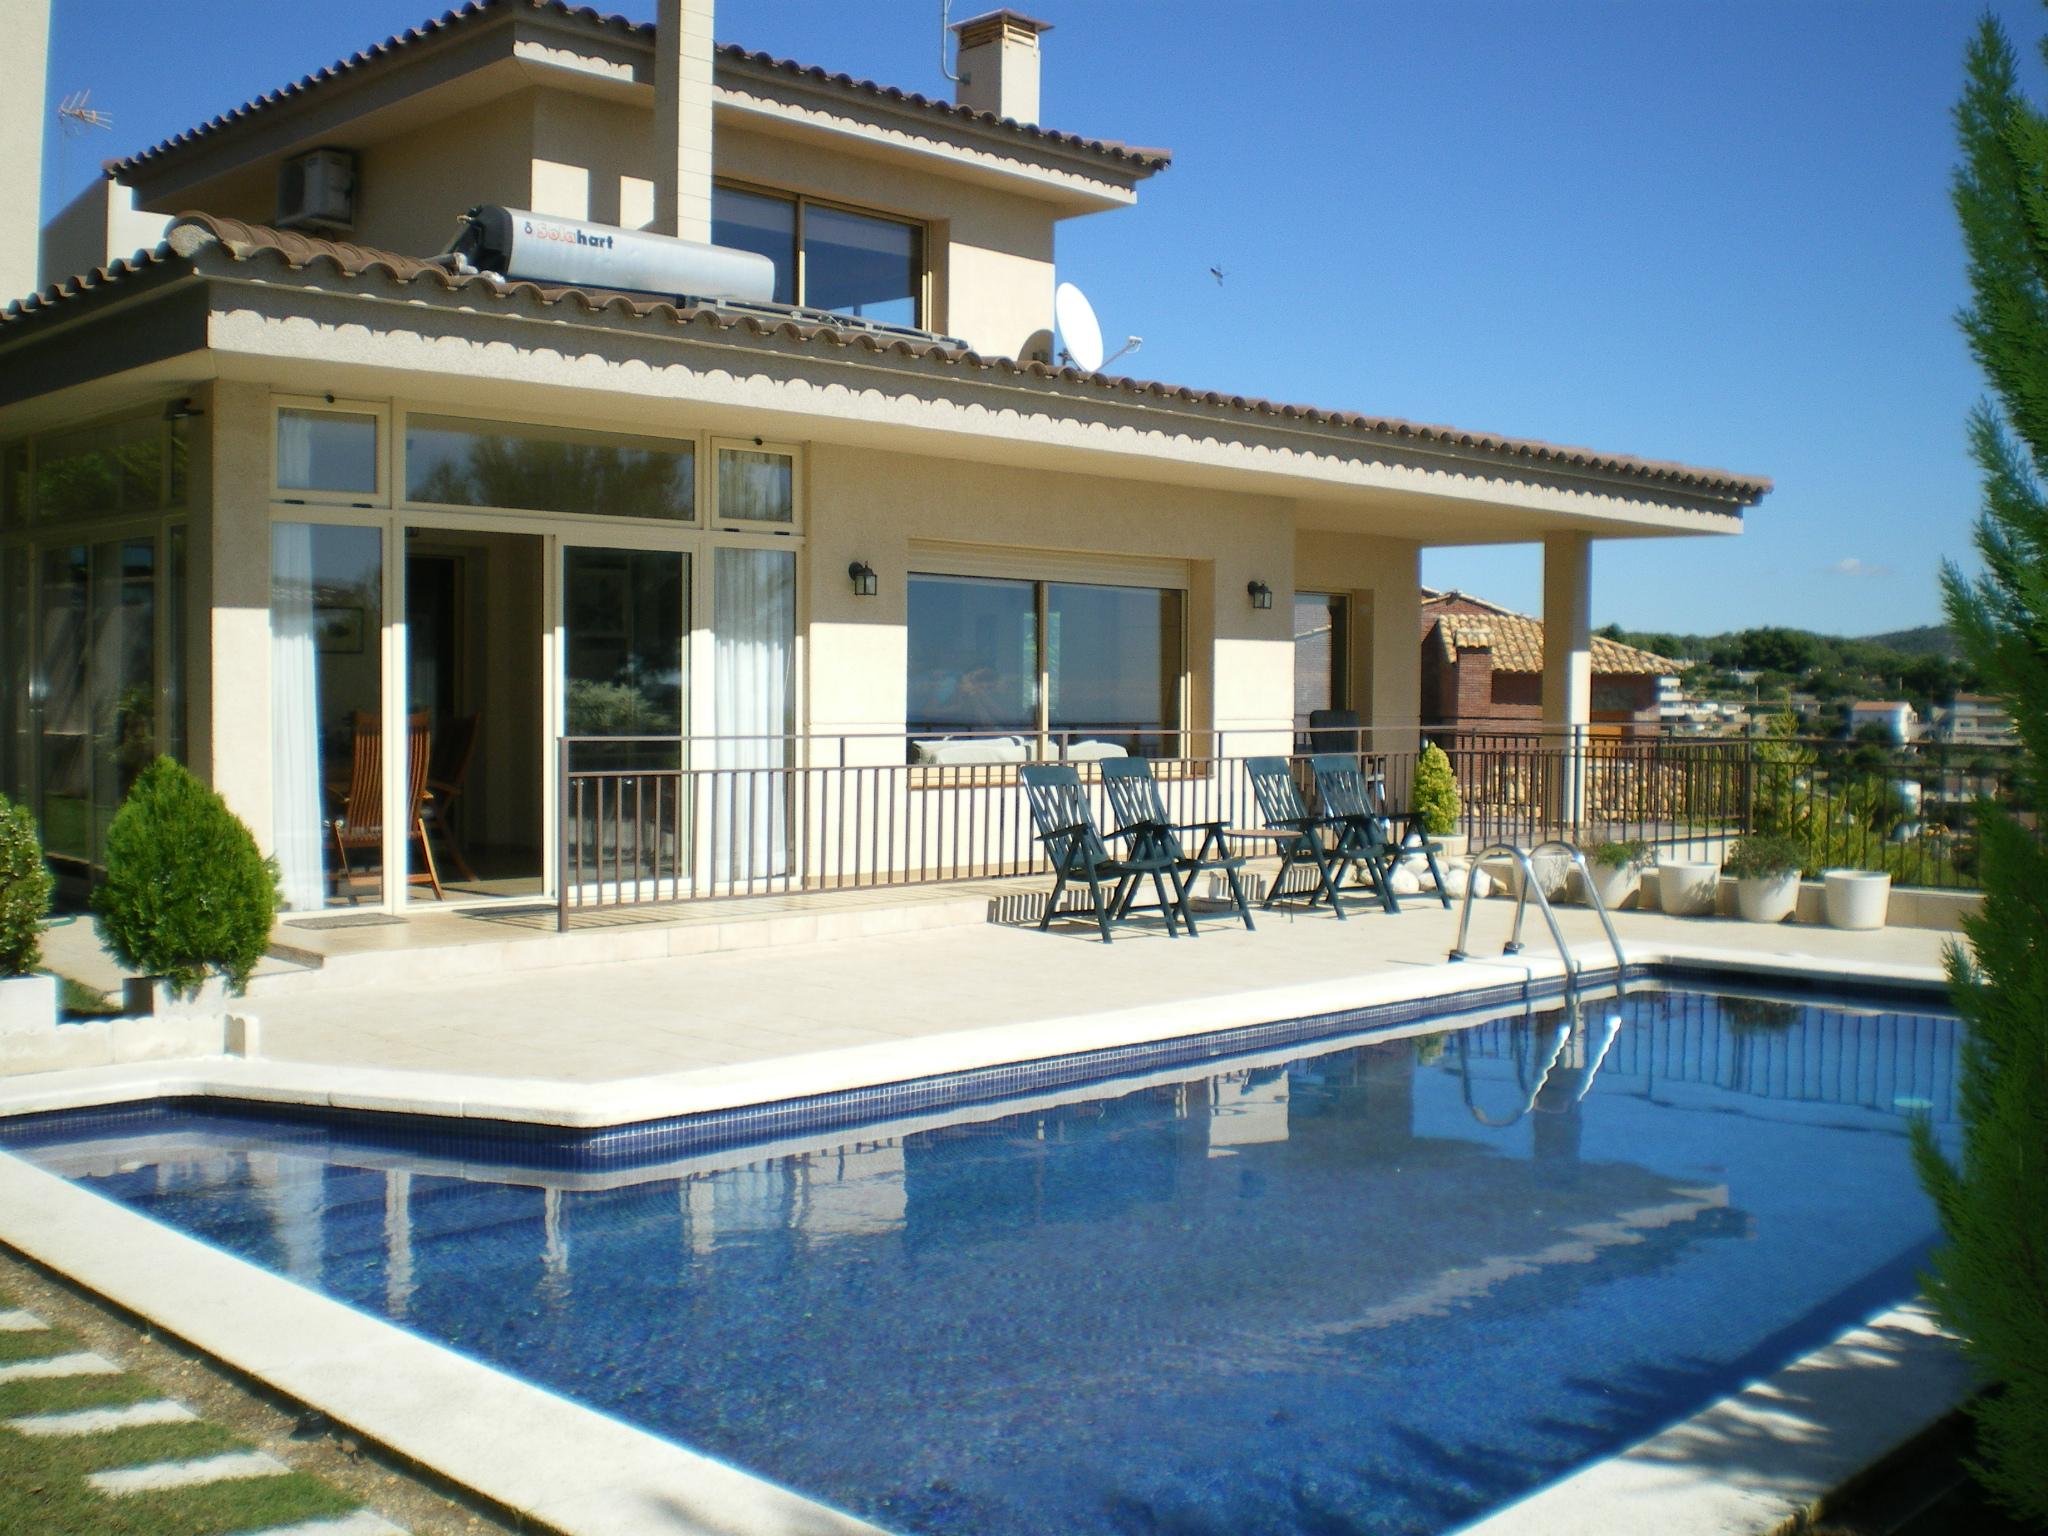 Аренда коттеджа в испании купить недвижимость в стамбуле